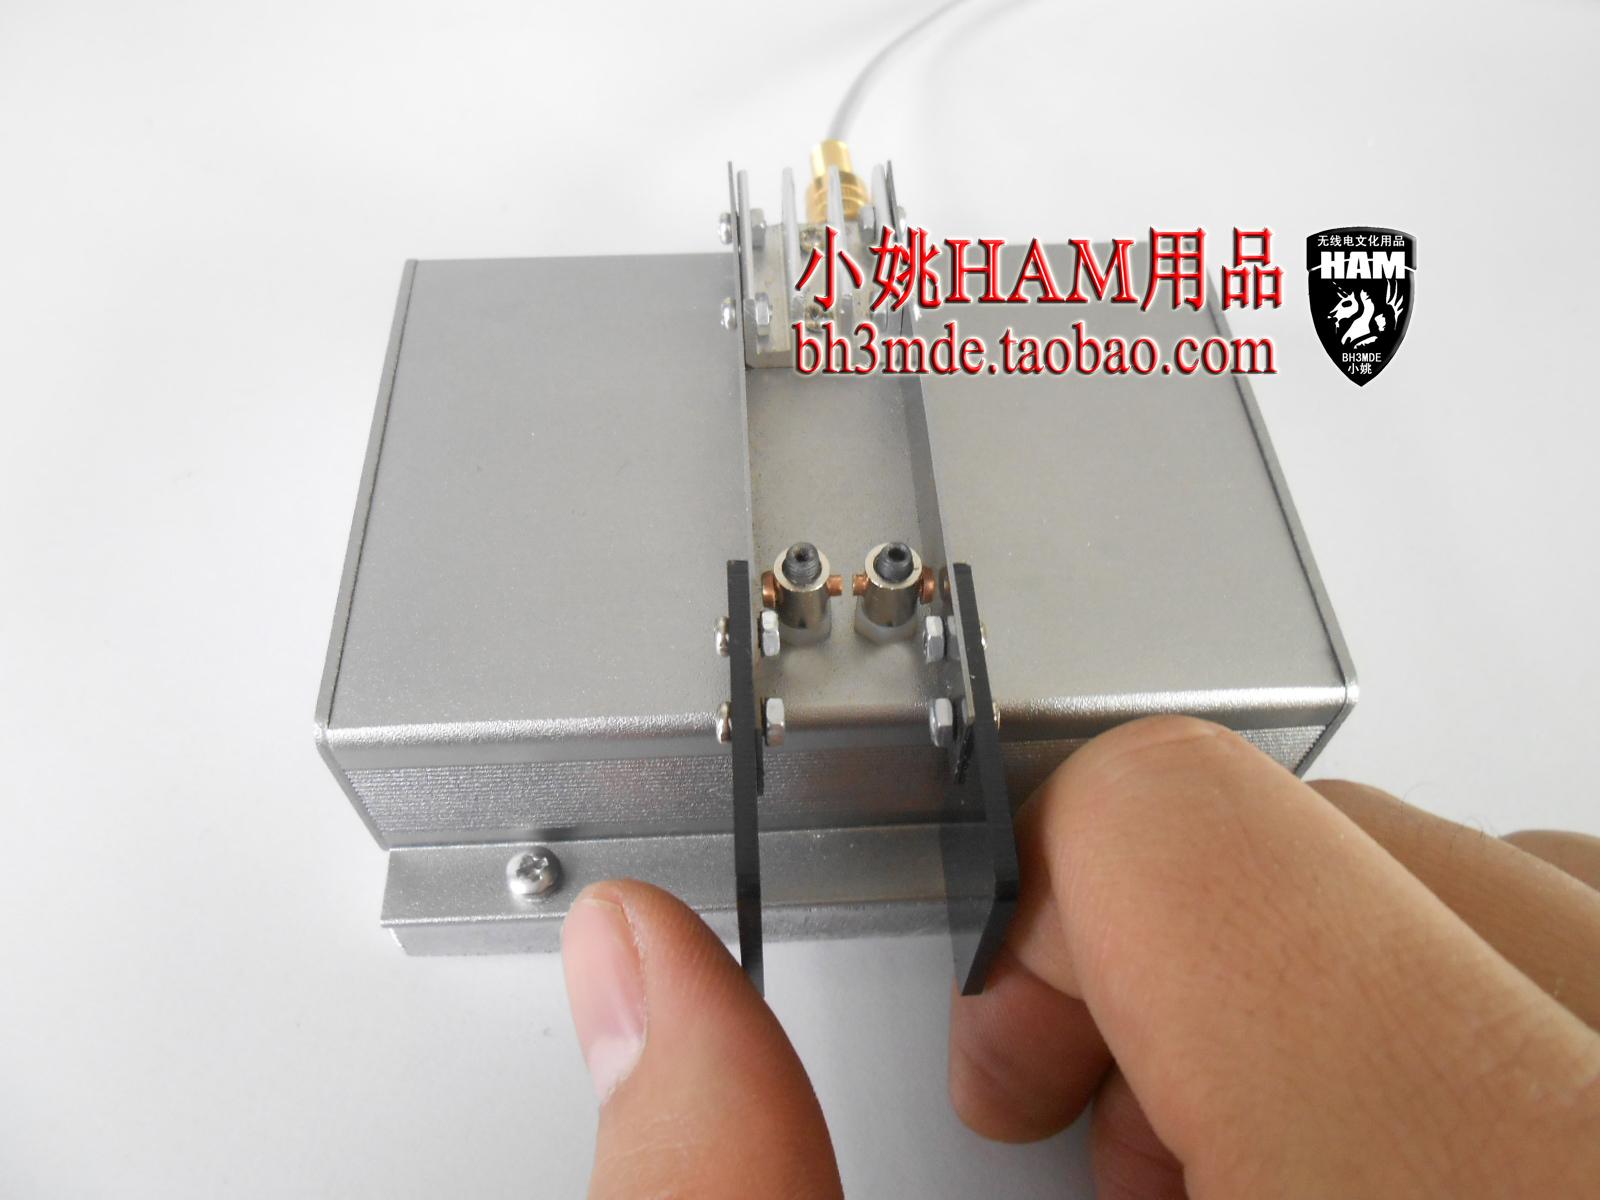 Морзе телеграфный ключевых P01 ключевых радио коротковолновое радио CW черепов поддерживает передатчика от Kupinatao